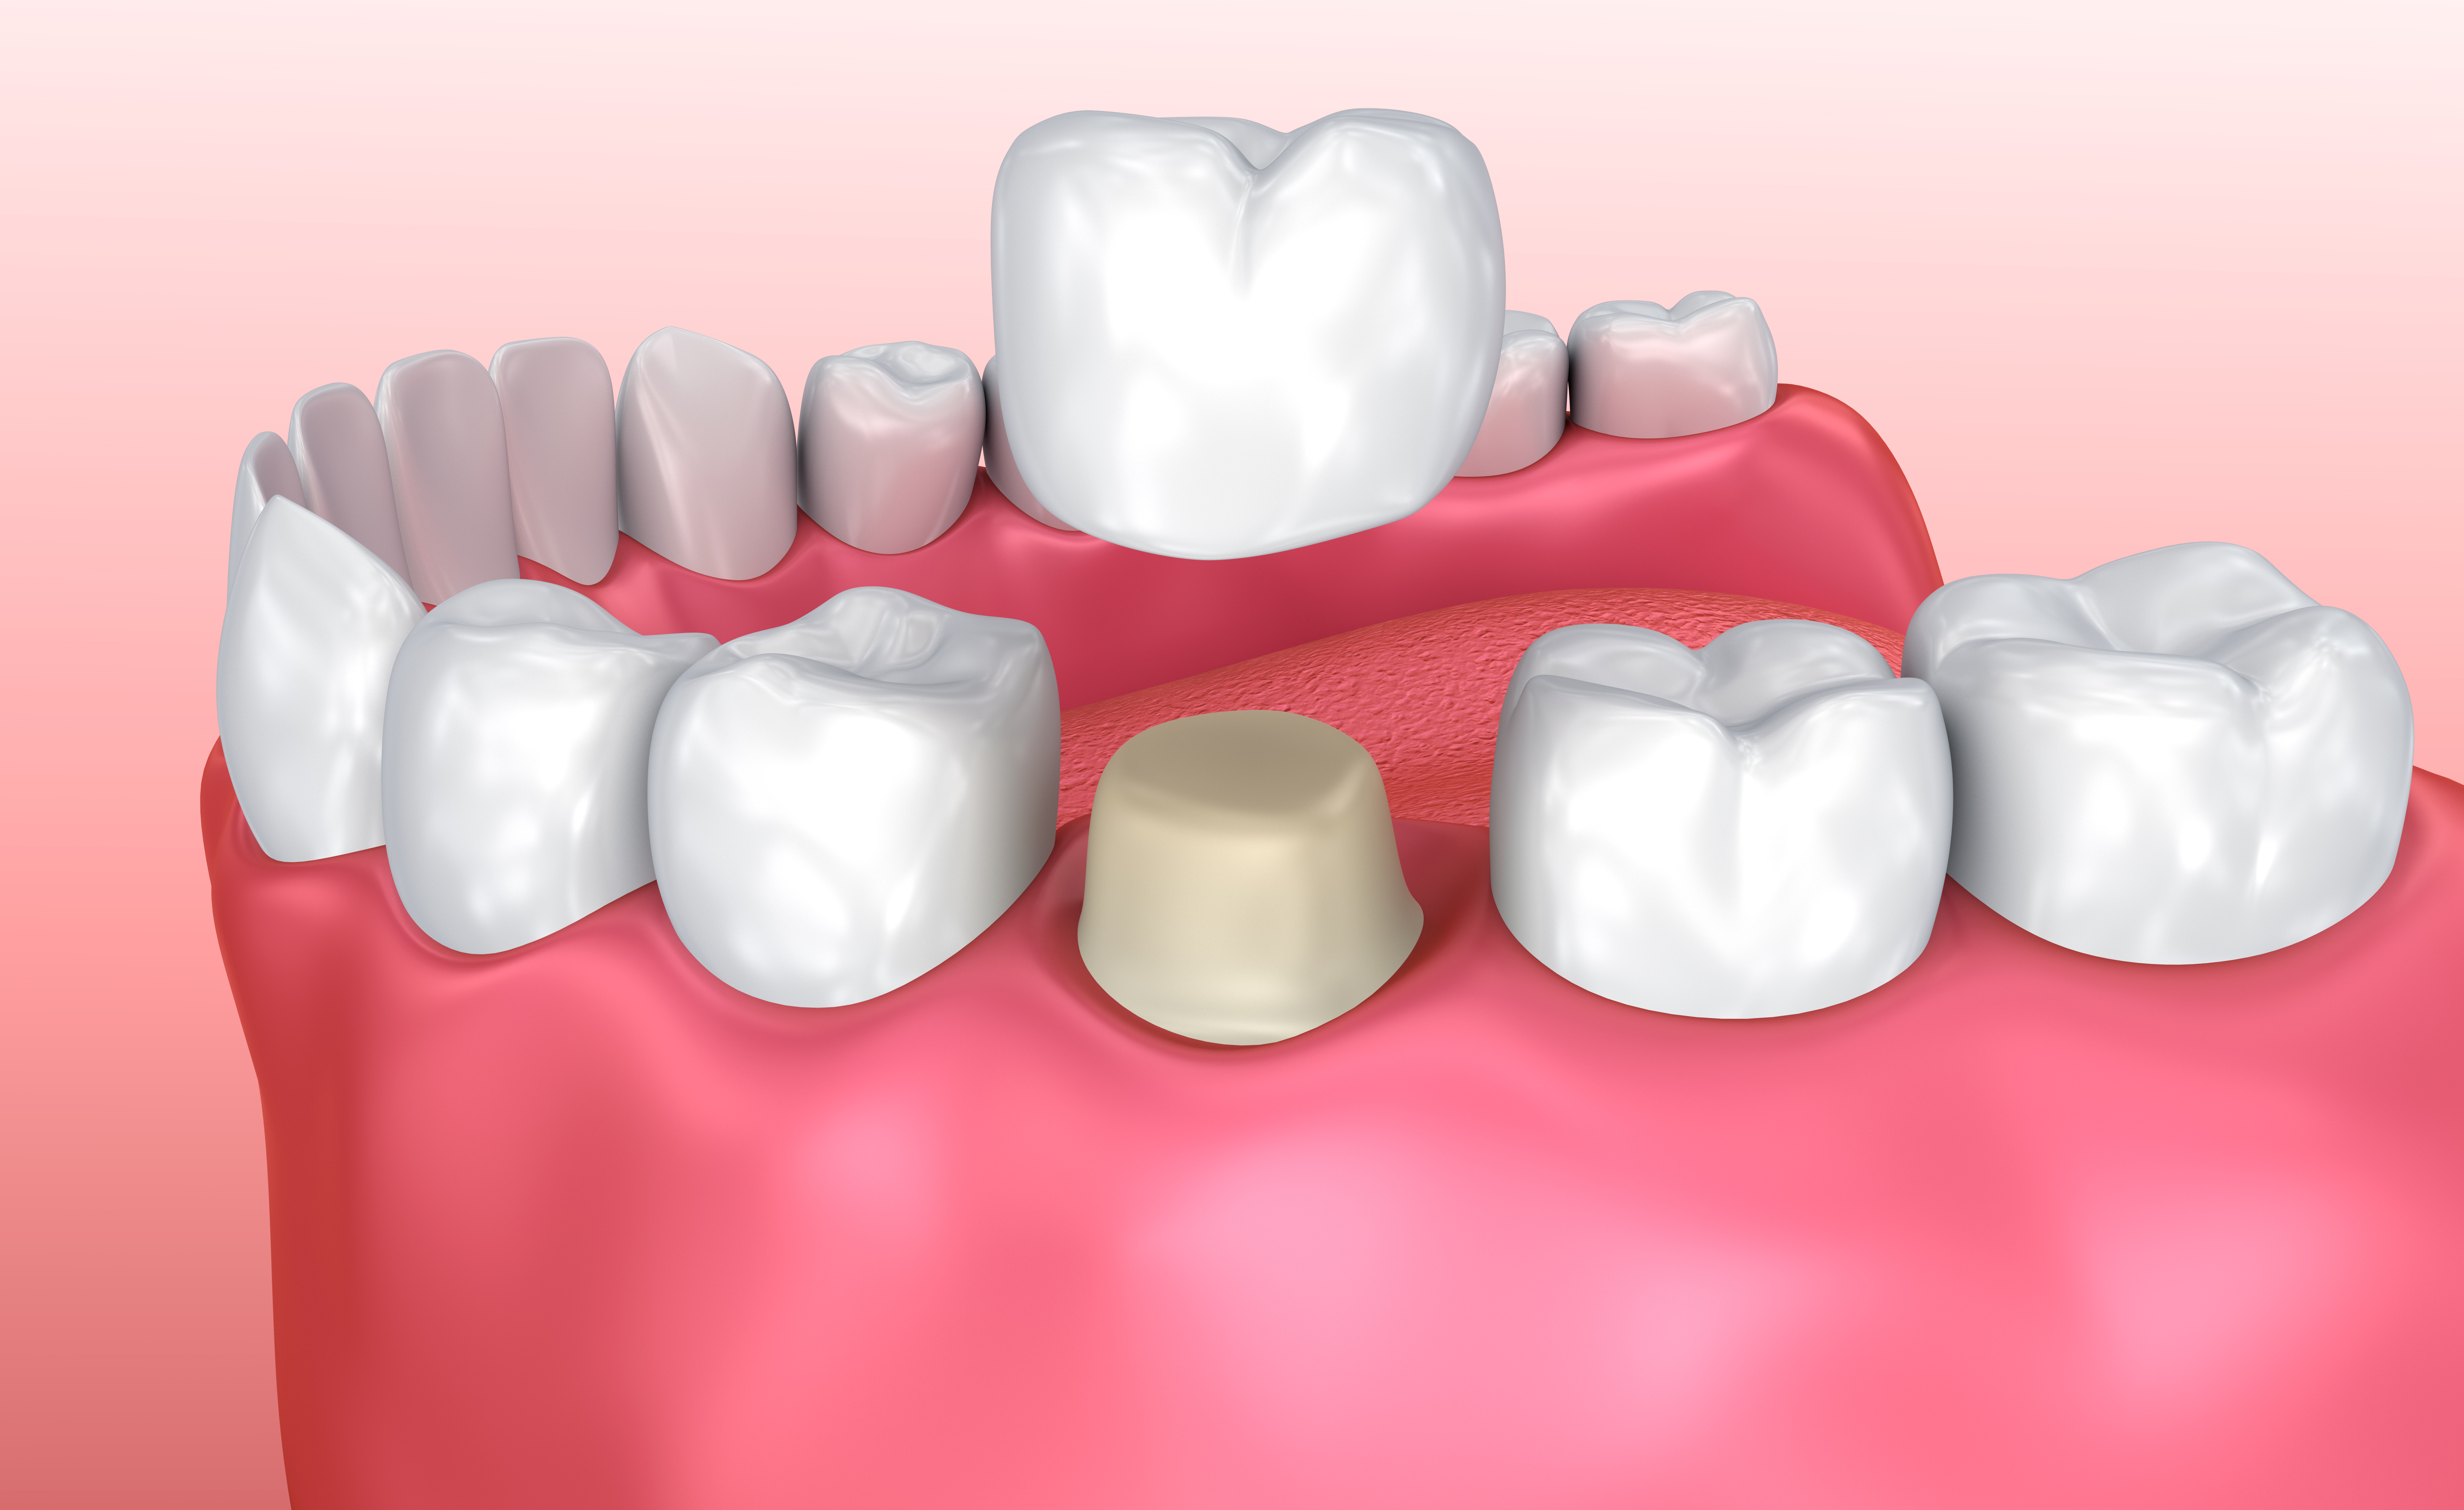 Tannkronen er delen av tannen som er synlig over tannkjøttet.